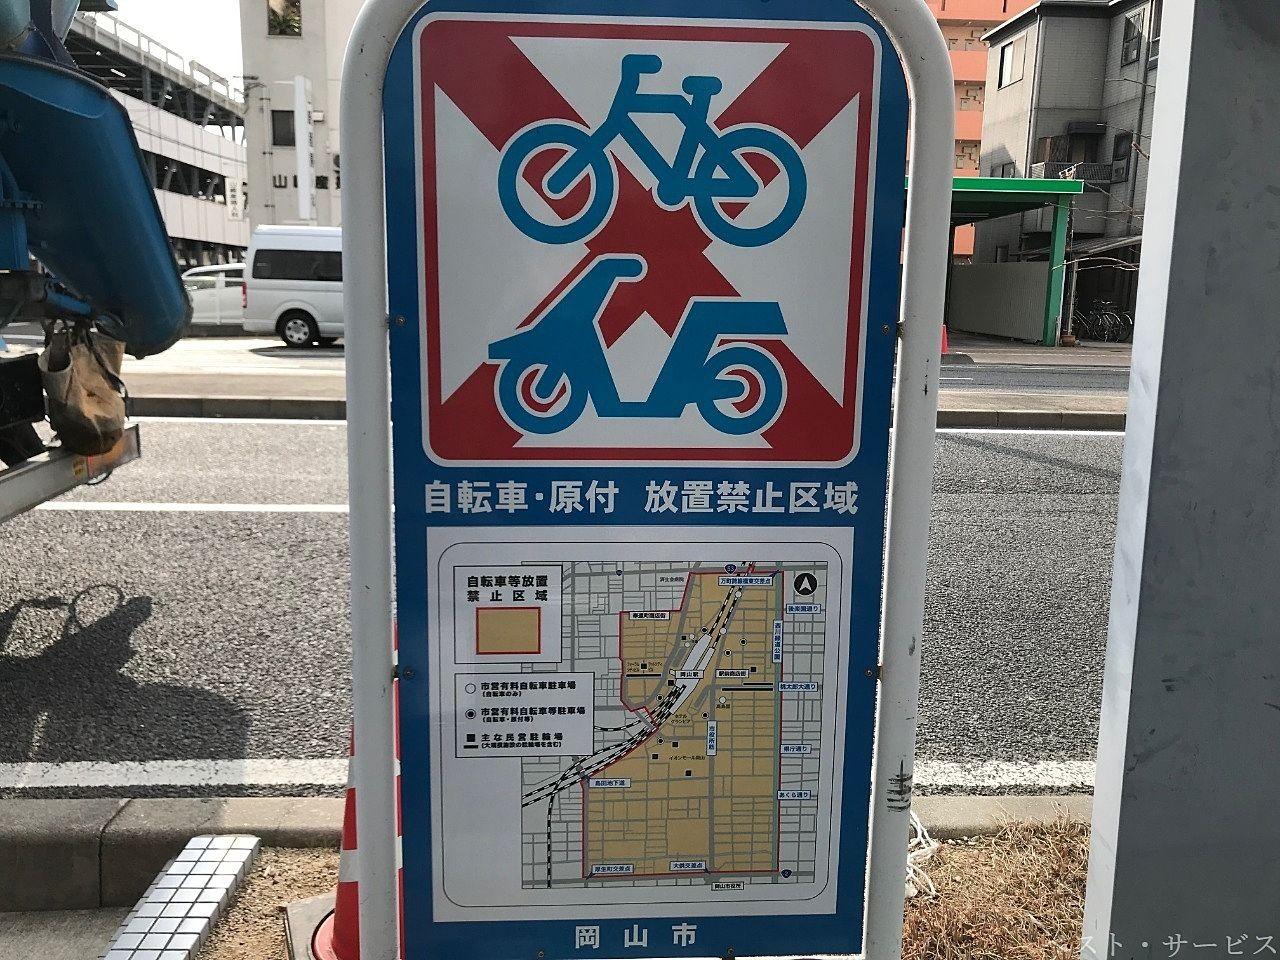 駐輪機以外の不正駐輪は禁止です